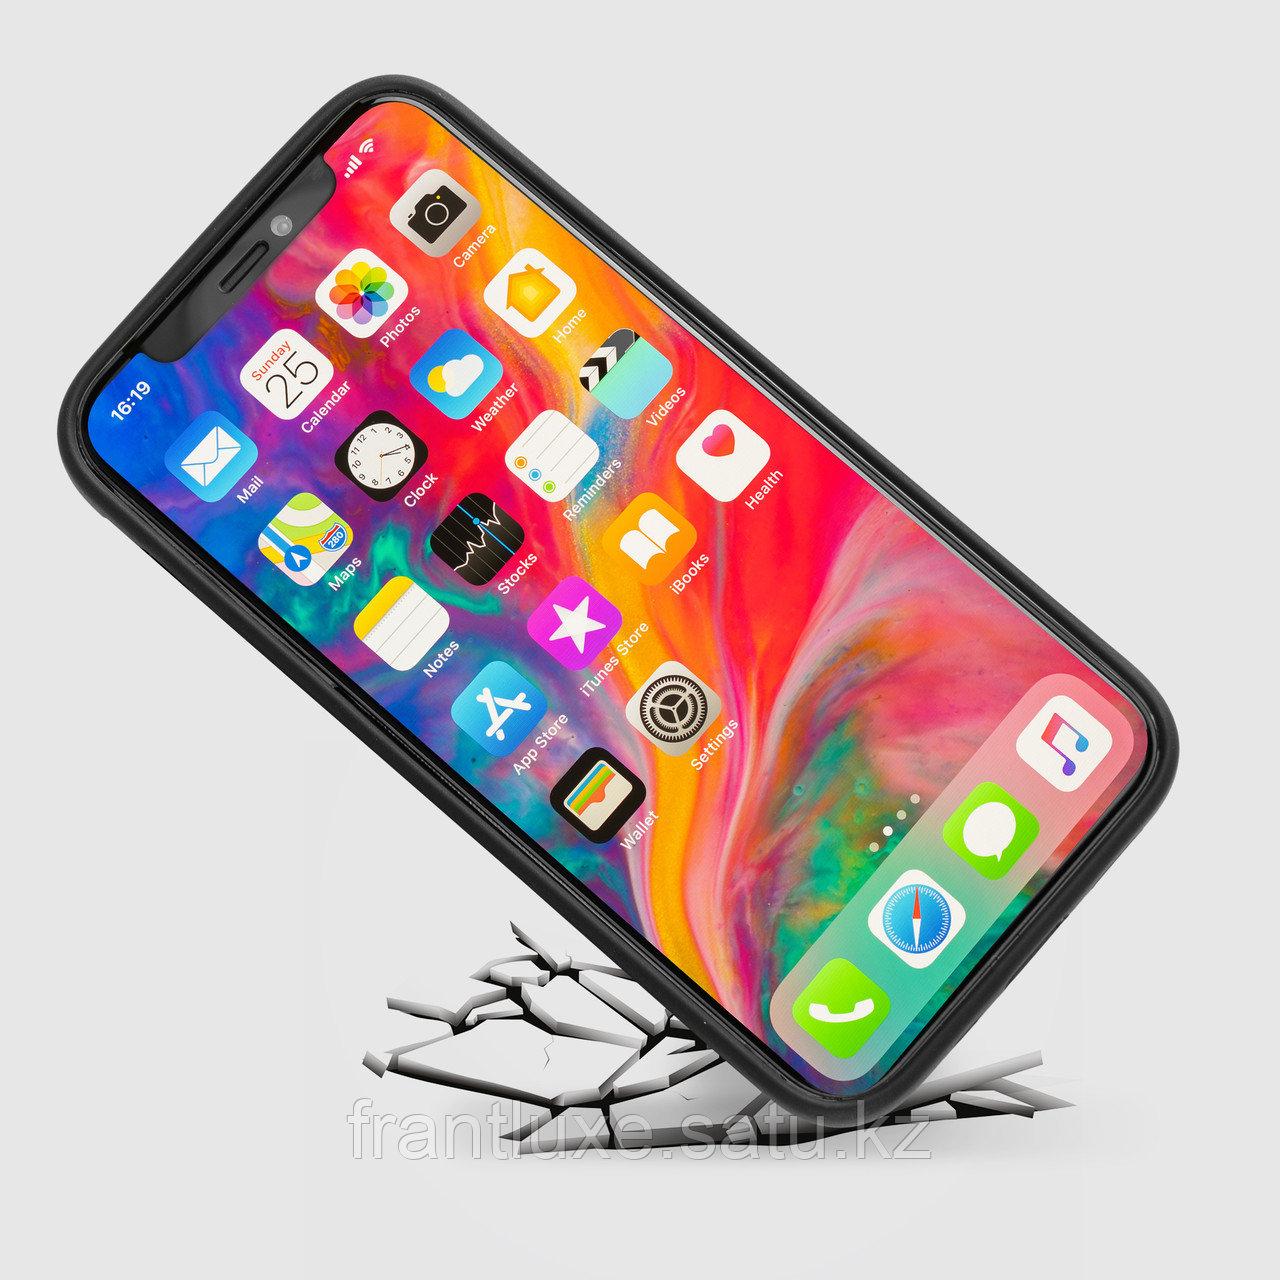 Чехол для телефона iPhone 12 Pro Max Nappa чёрный - фото 5